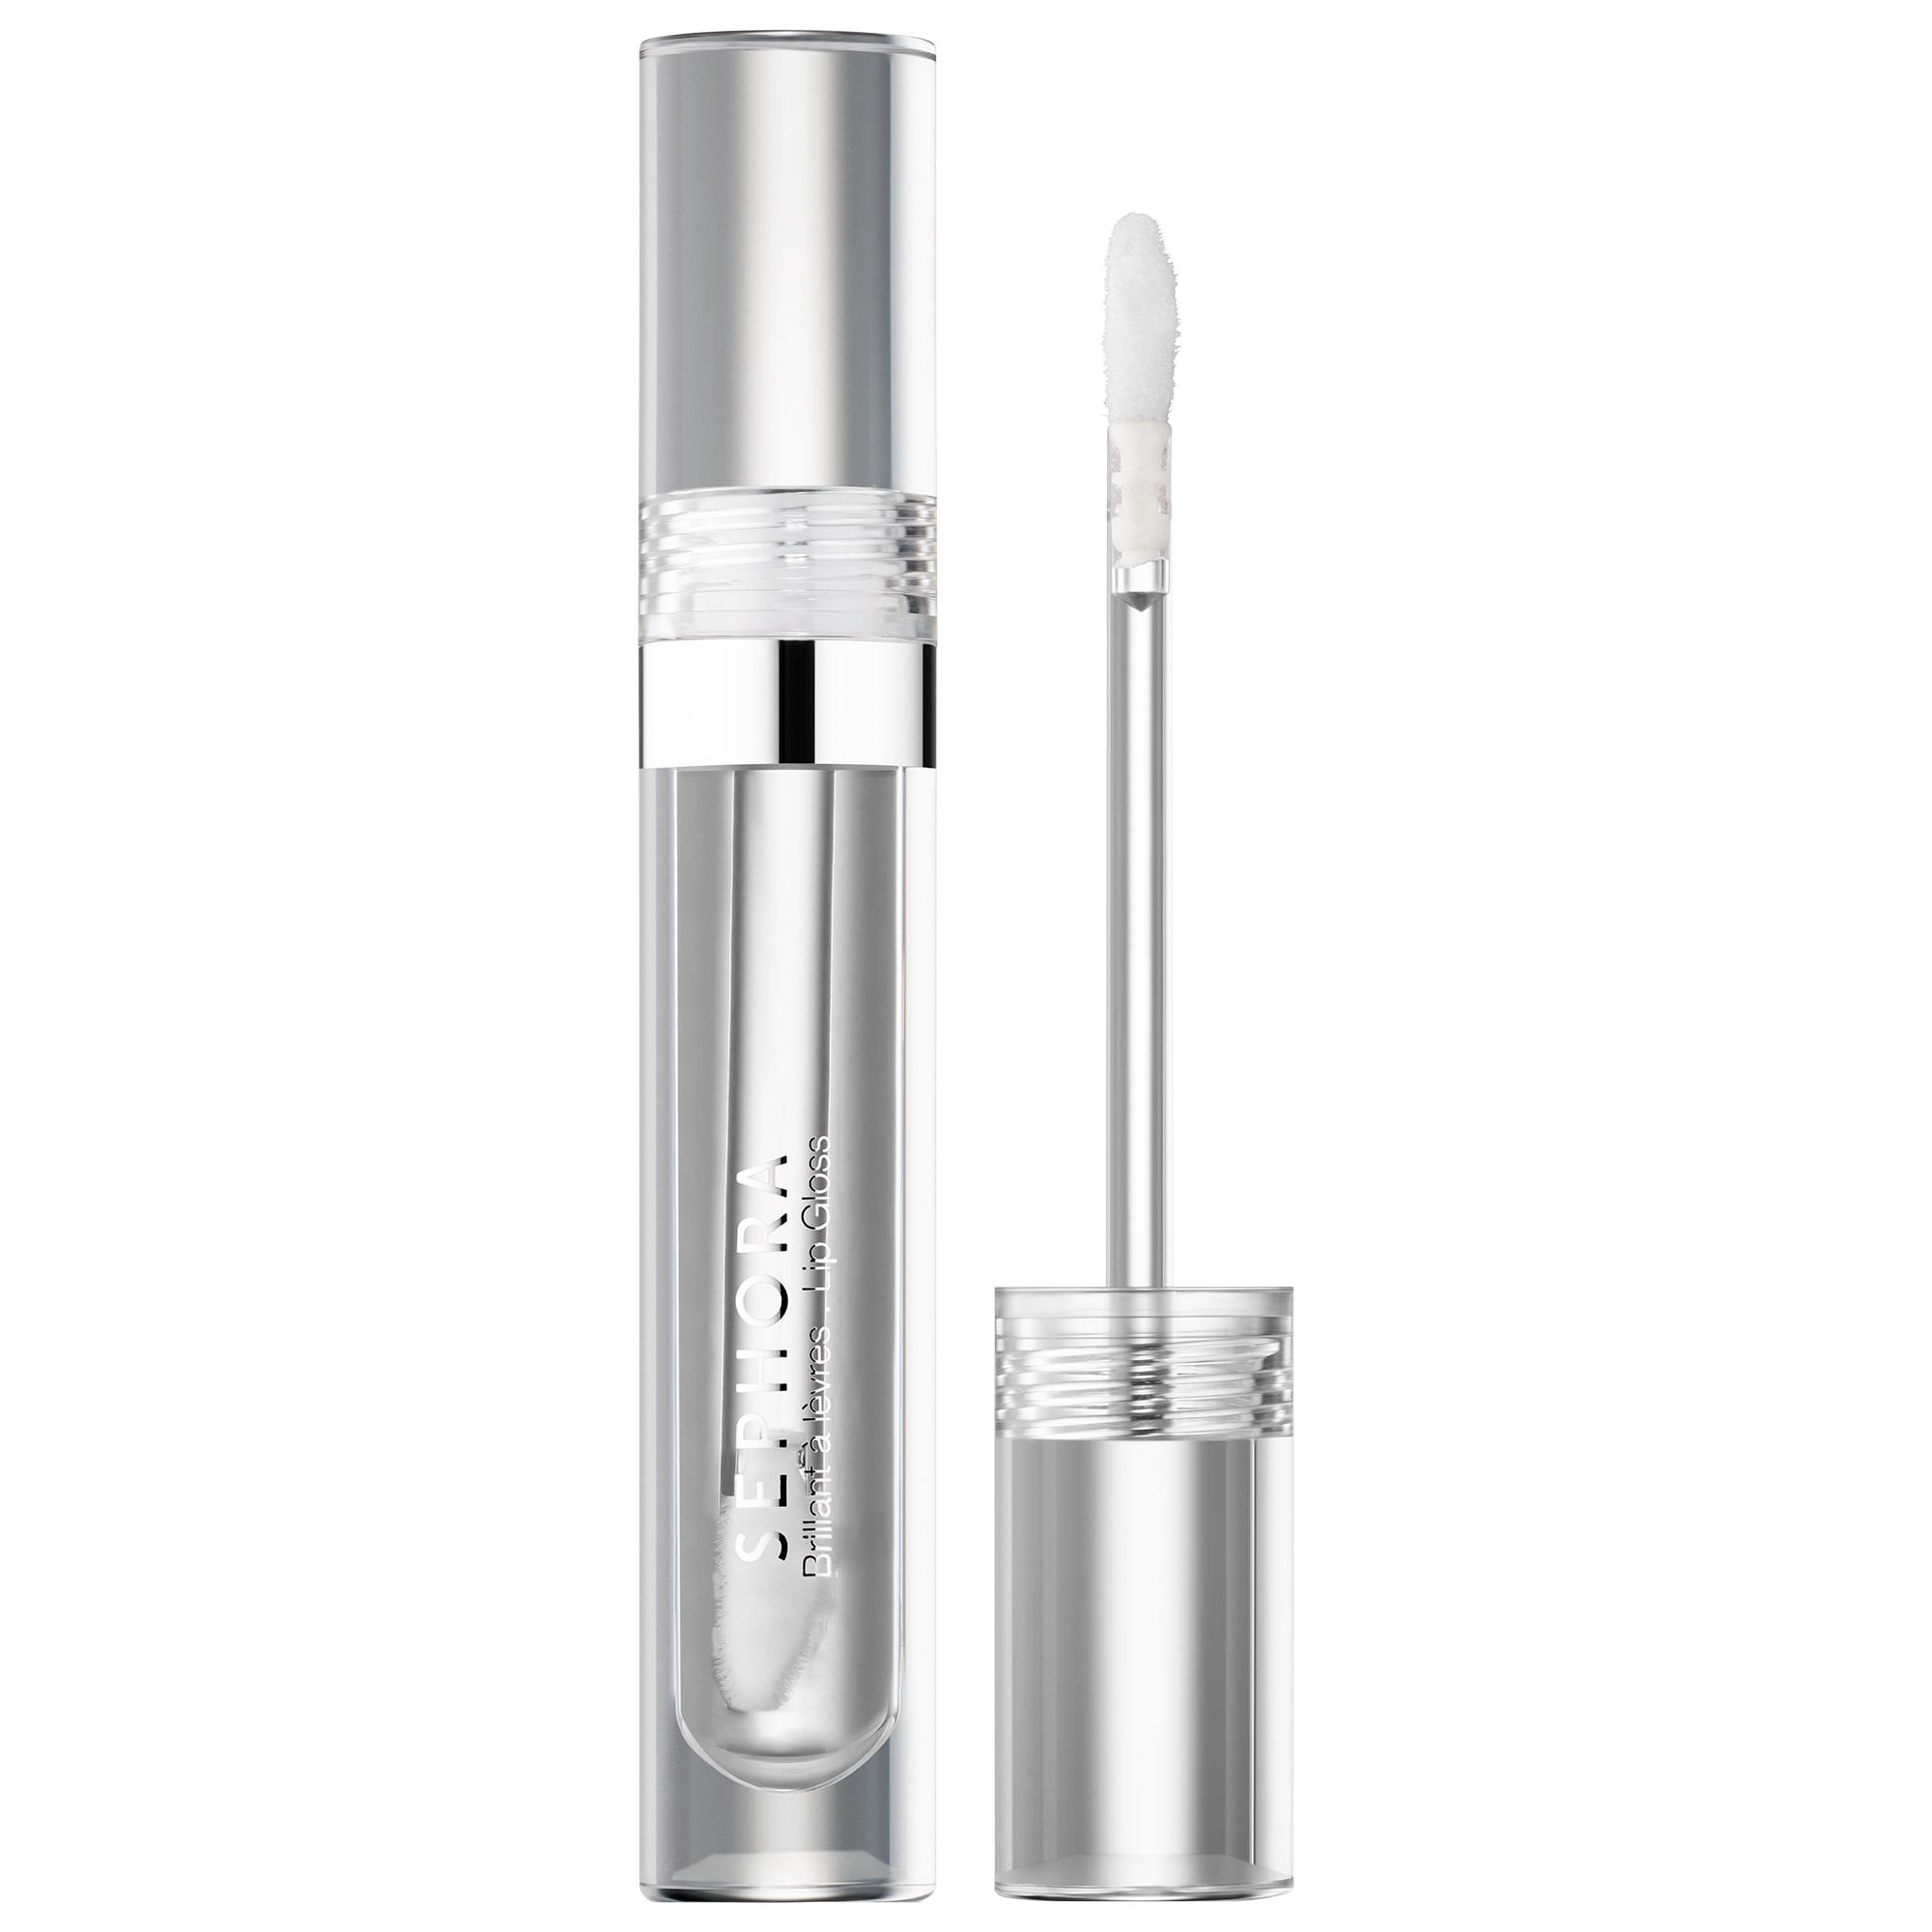 Sephora - Glossed Lip Gloss